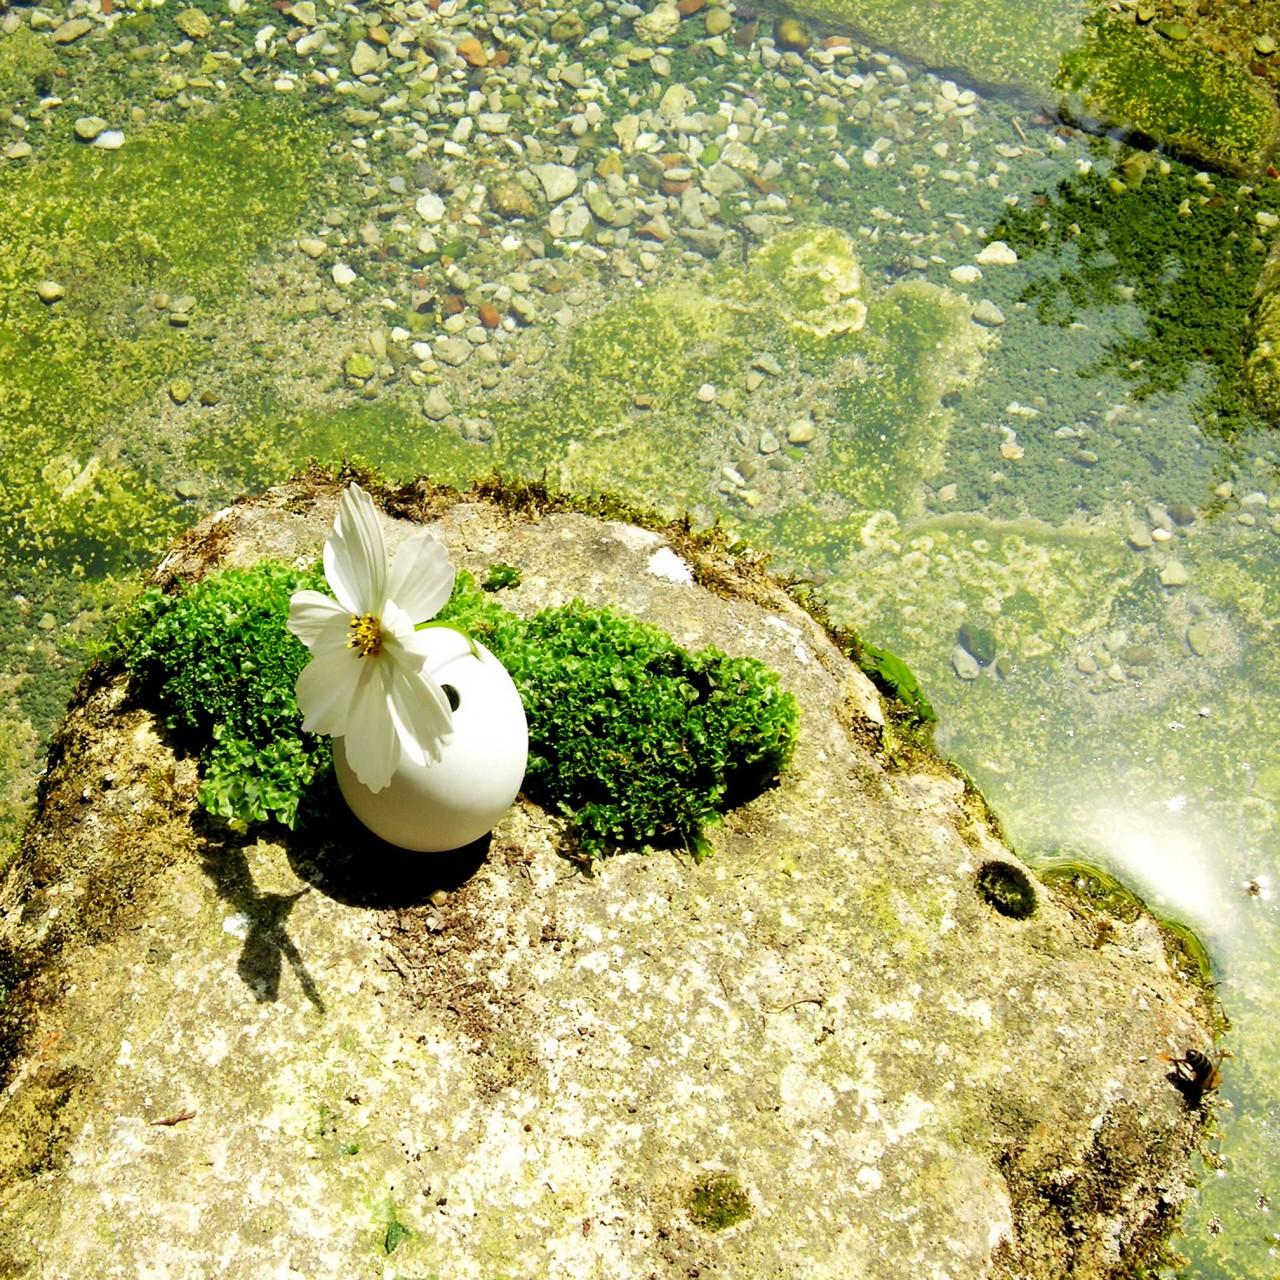 Laure-Maud_18_photographe_jardin_Brindi_2